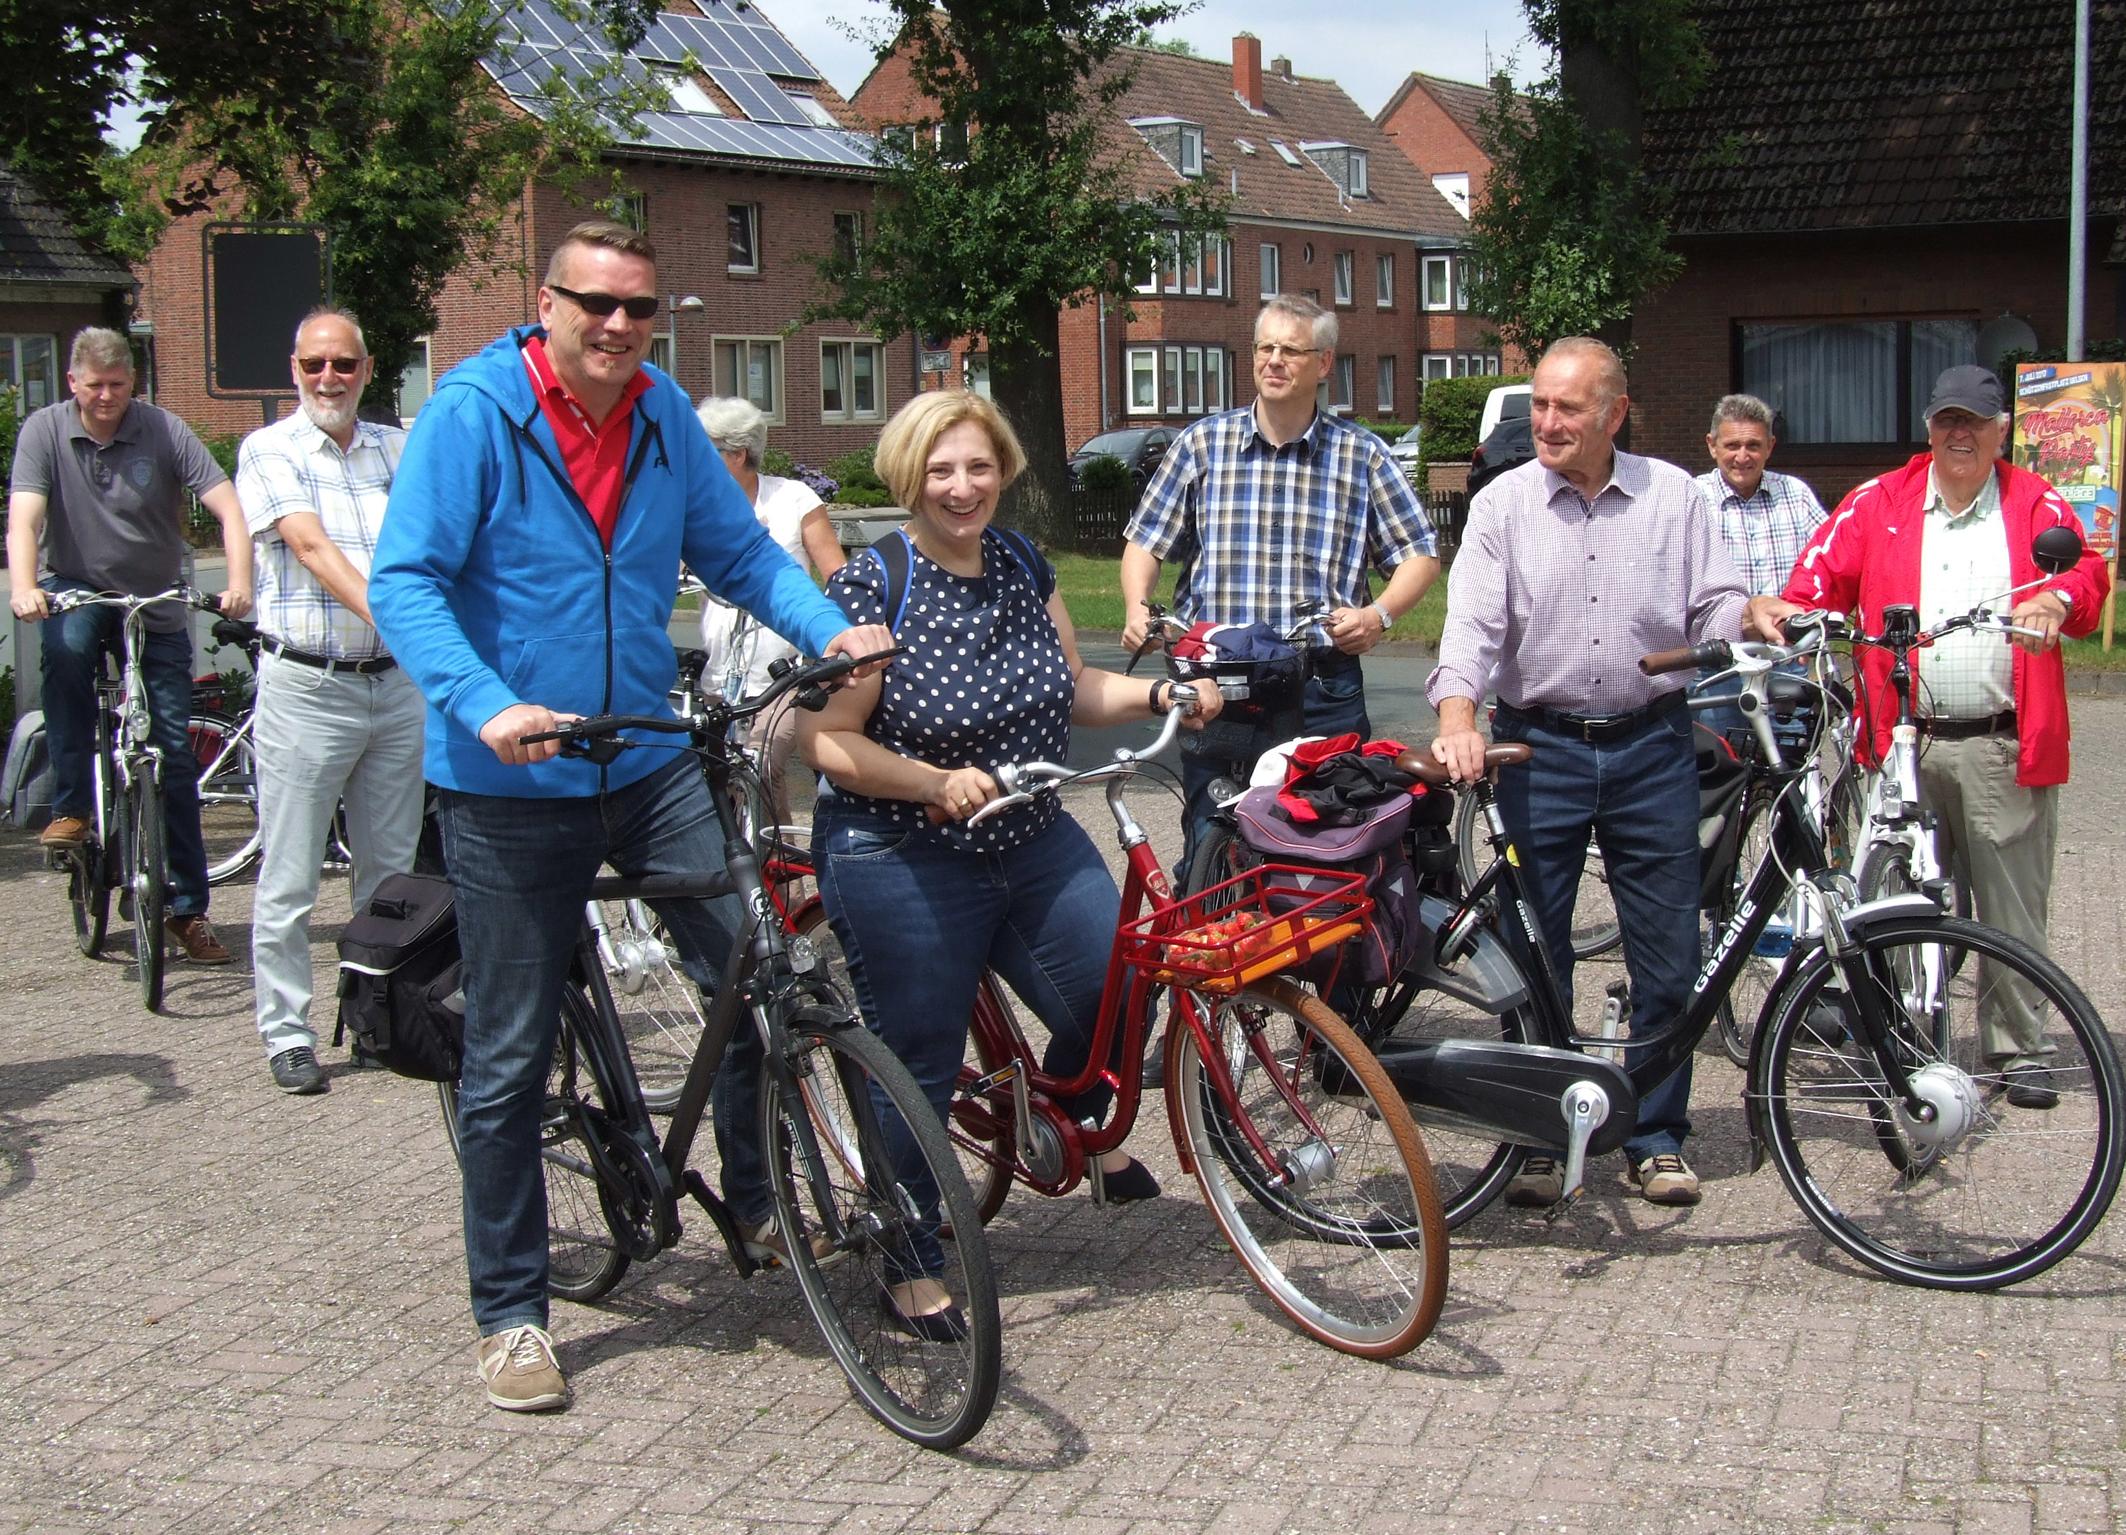 vorne: v.l.n.r. Fredo Weiden, Dr. Daniela De Ridder, Heinrich Lefers und Gäste der Radtour  (Foto: Bernd Egbers)